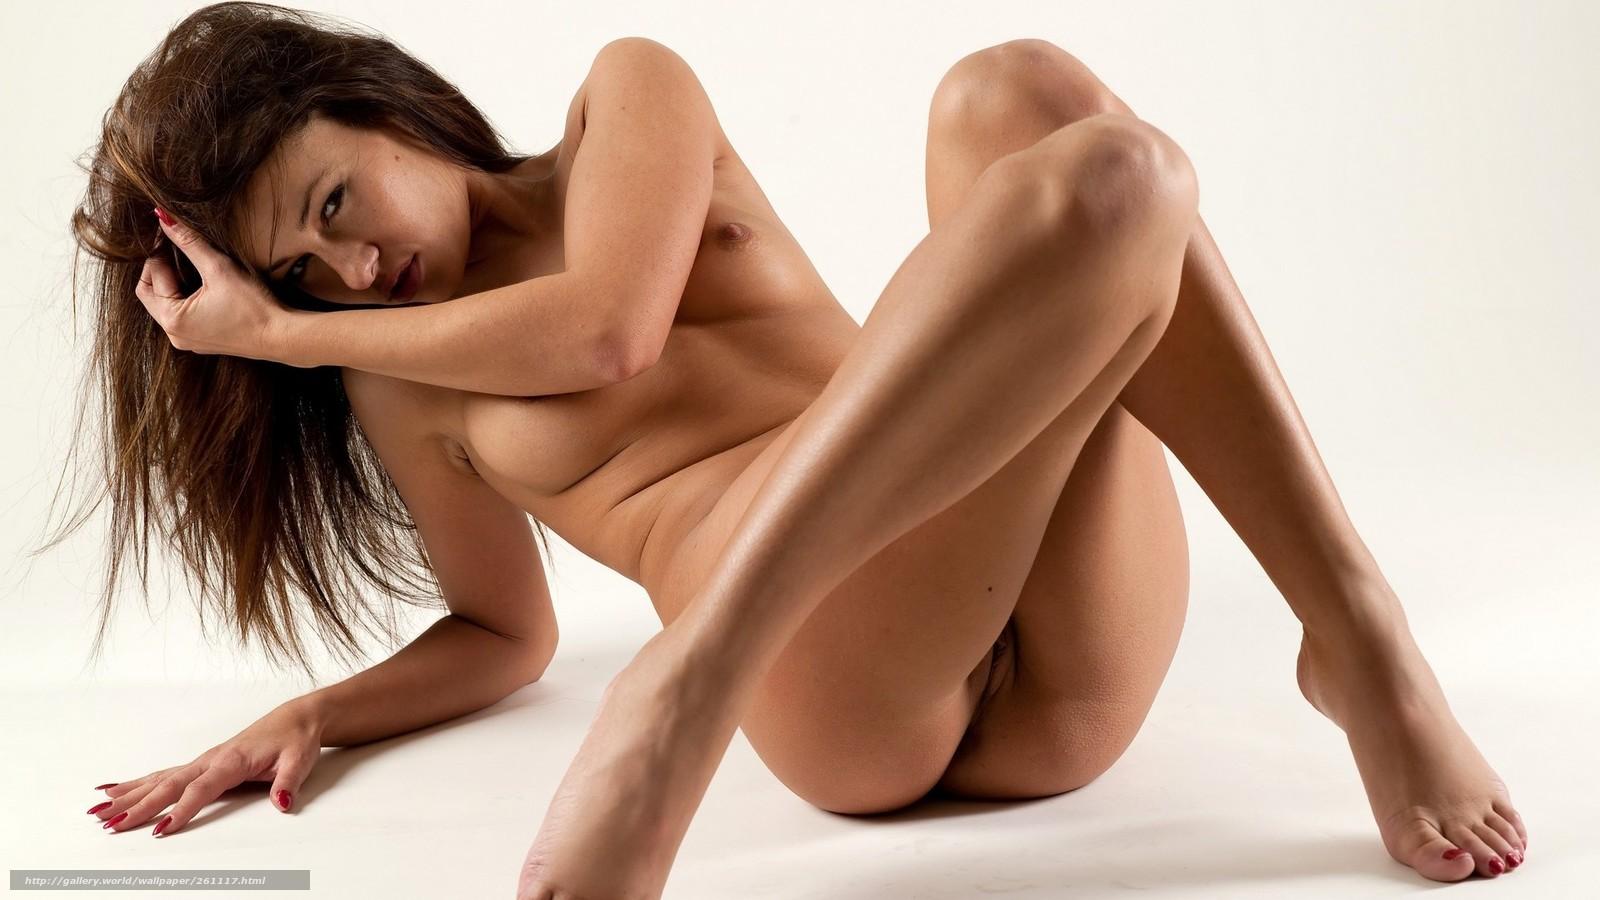 Супер эротические купальники фото 20 фотография